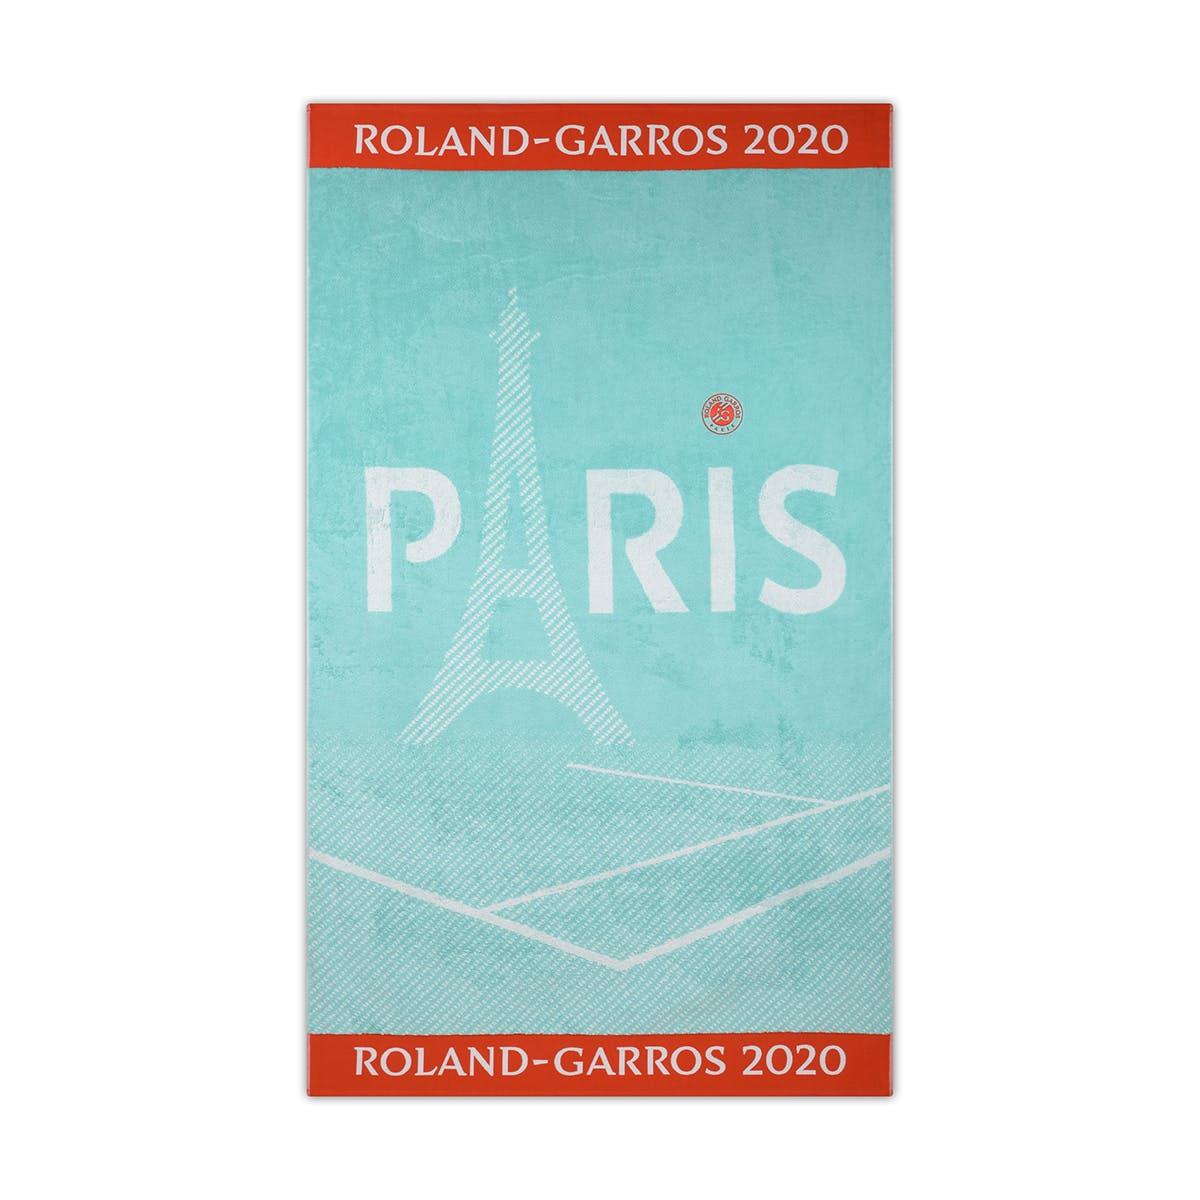 serviette officielle dame, carré blanc, roland-garros, 2020